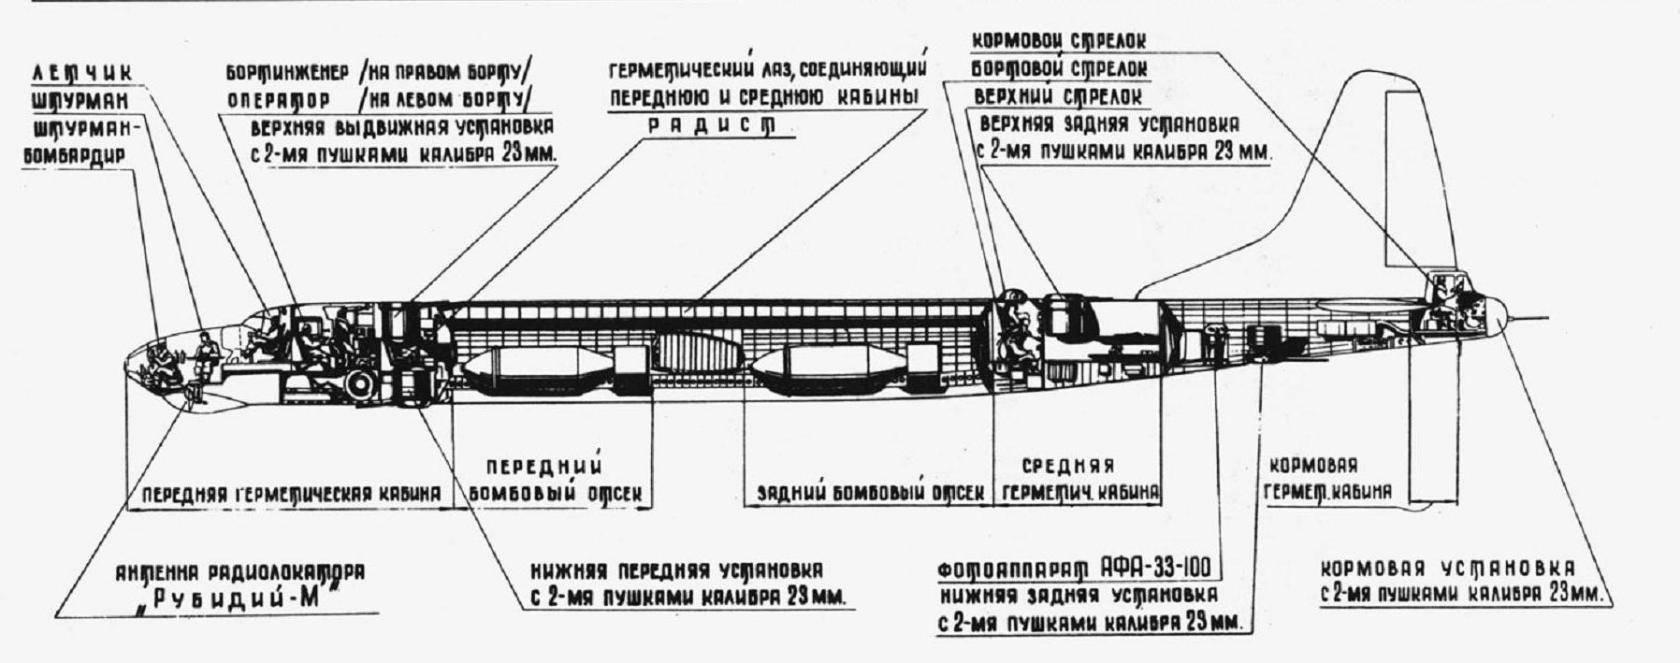 Туполев ту-16. фото и видео. история. характеристики.